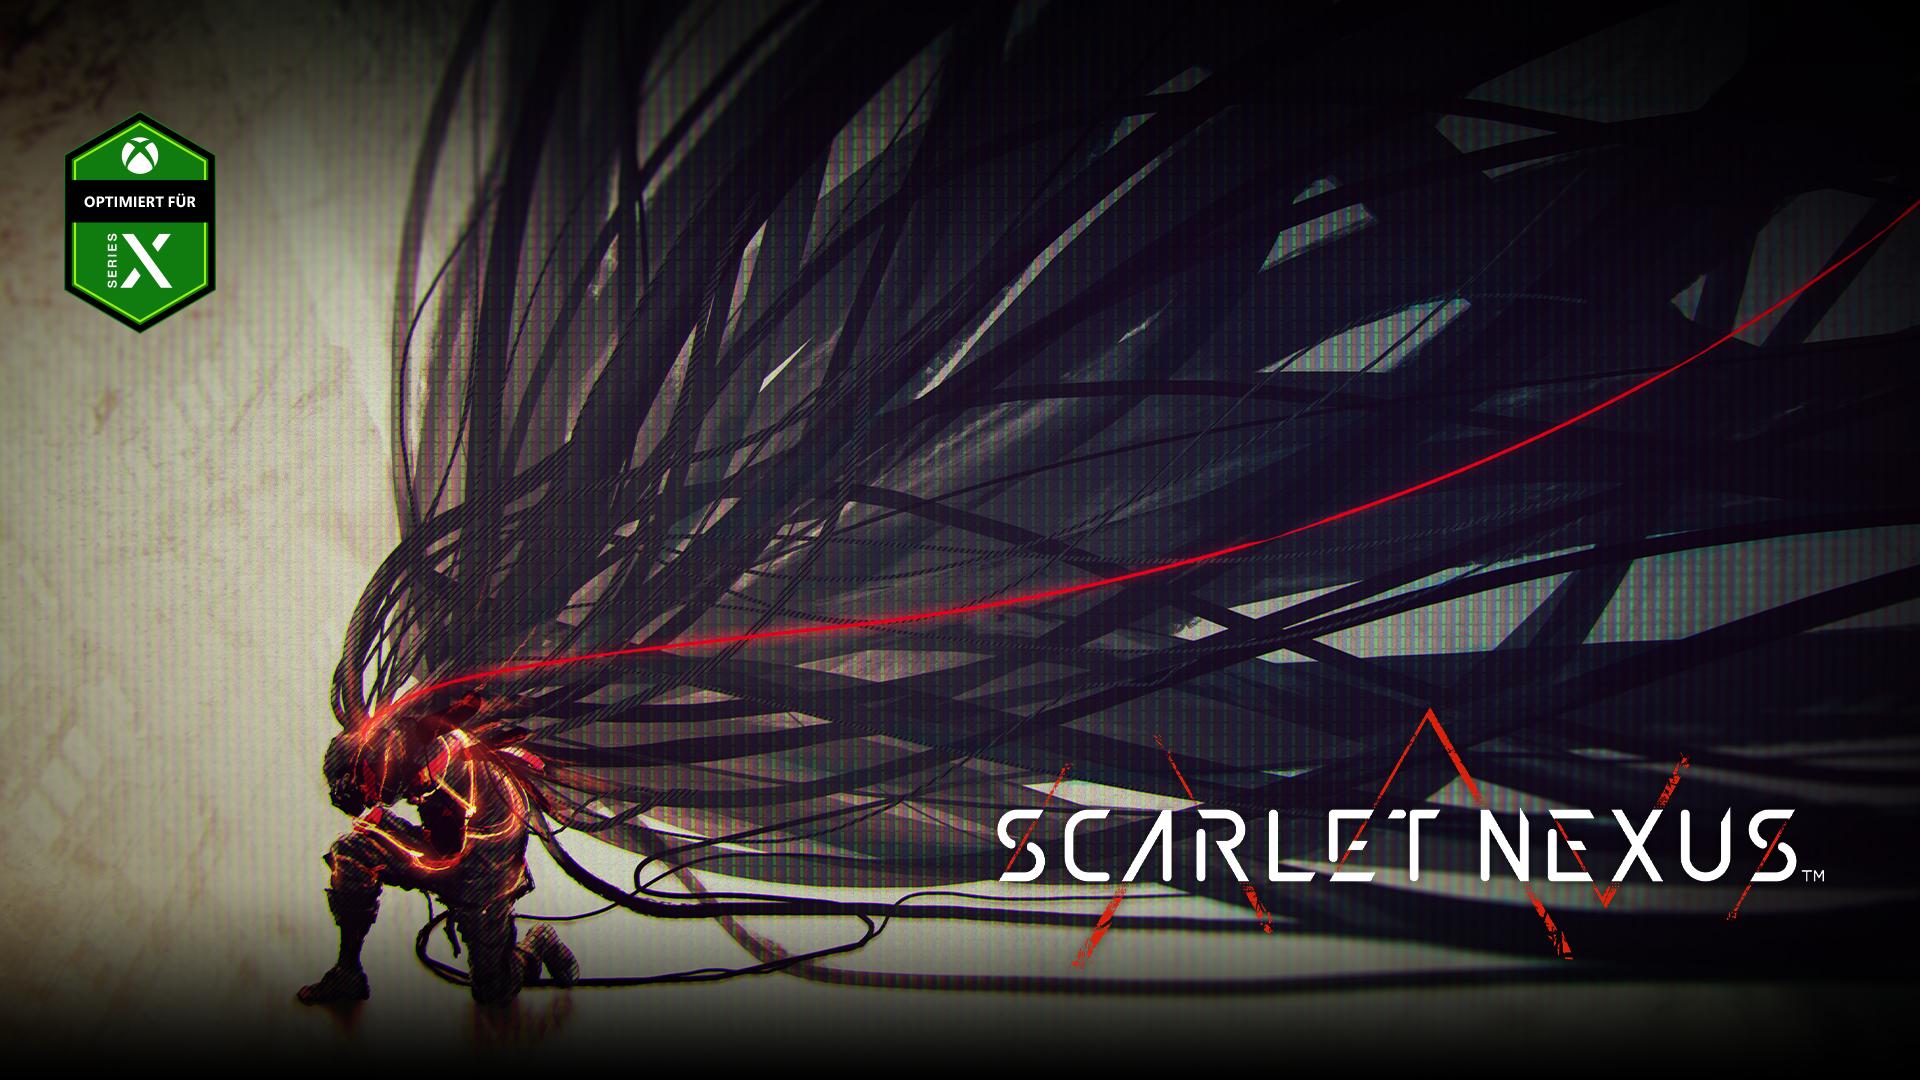 Scarlet Nexus, Optimiert für Xbox Series X. Ein Mann kniet mit großen haarartigen Strähnen, die von ihm fließen.